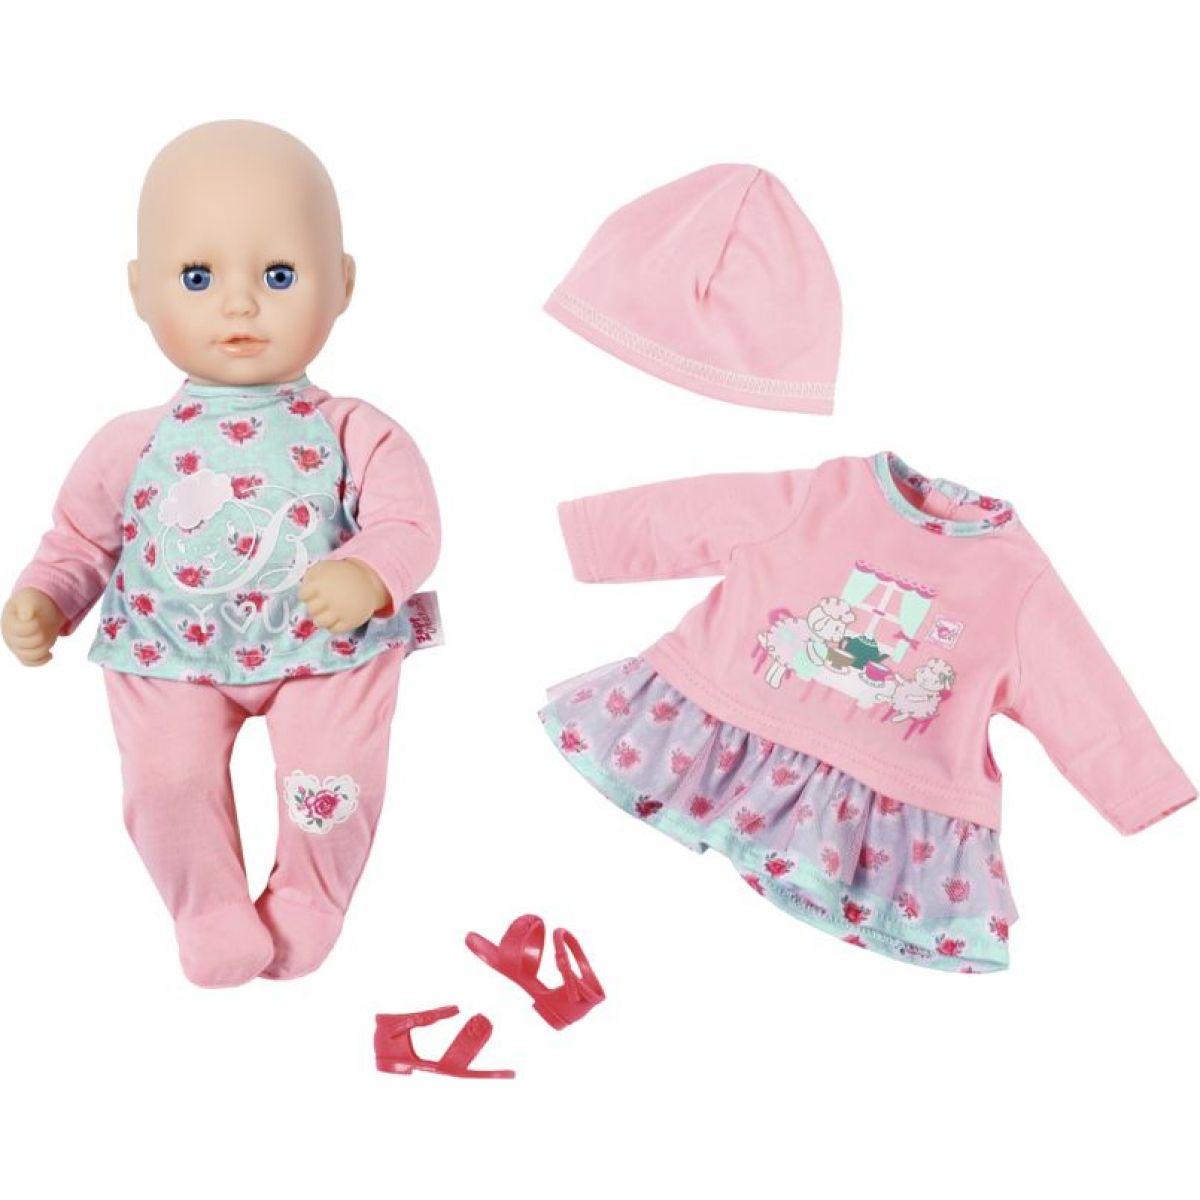 Zapf Creation Baby Annabell Little Annabell a oblečení 36 cm